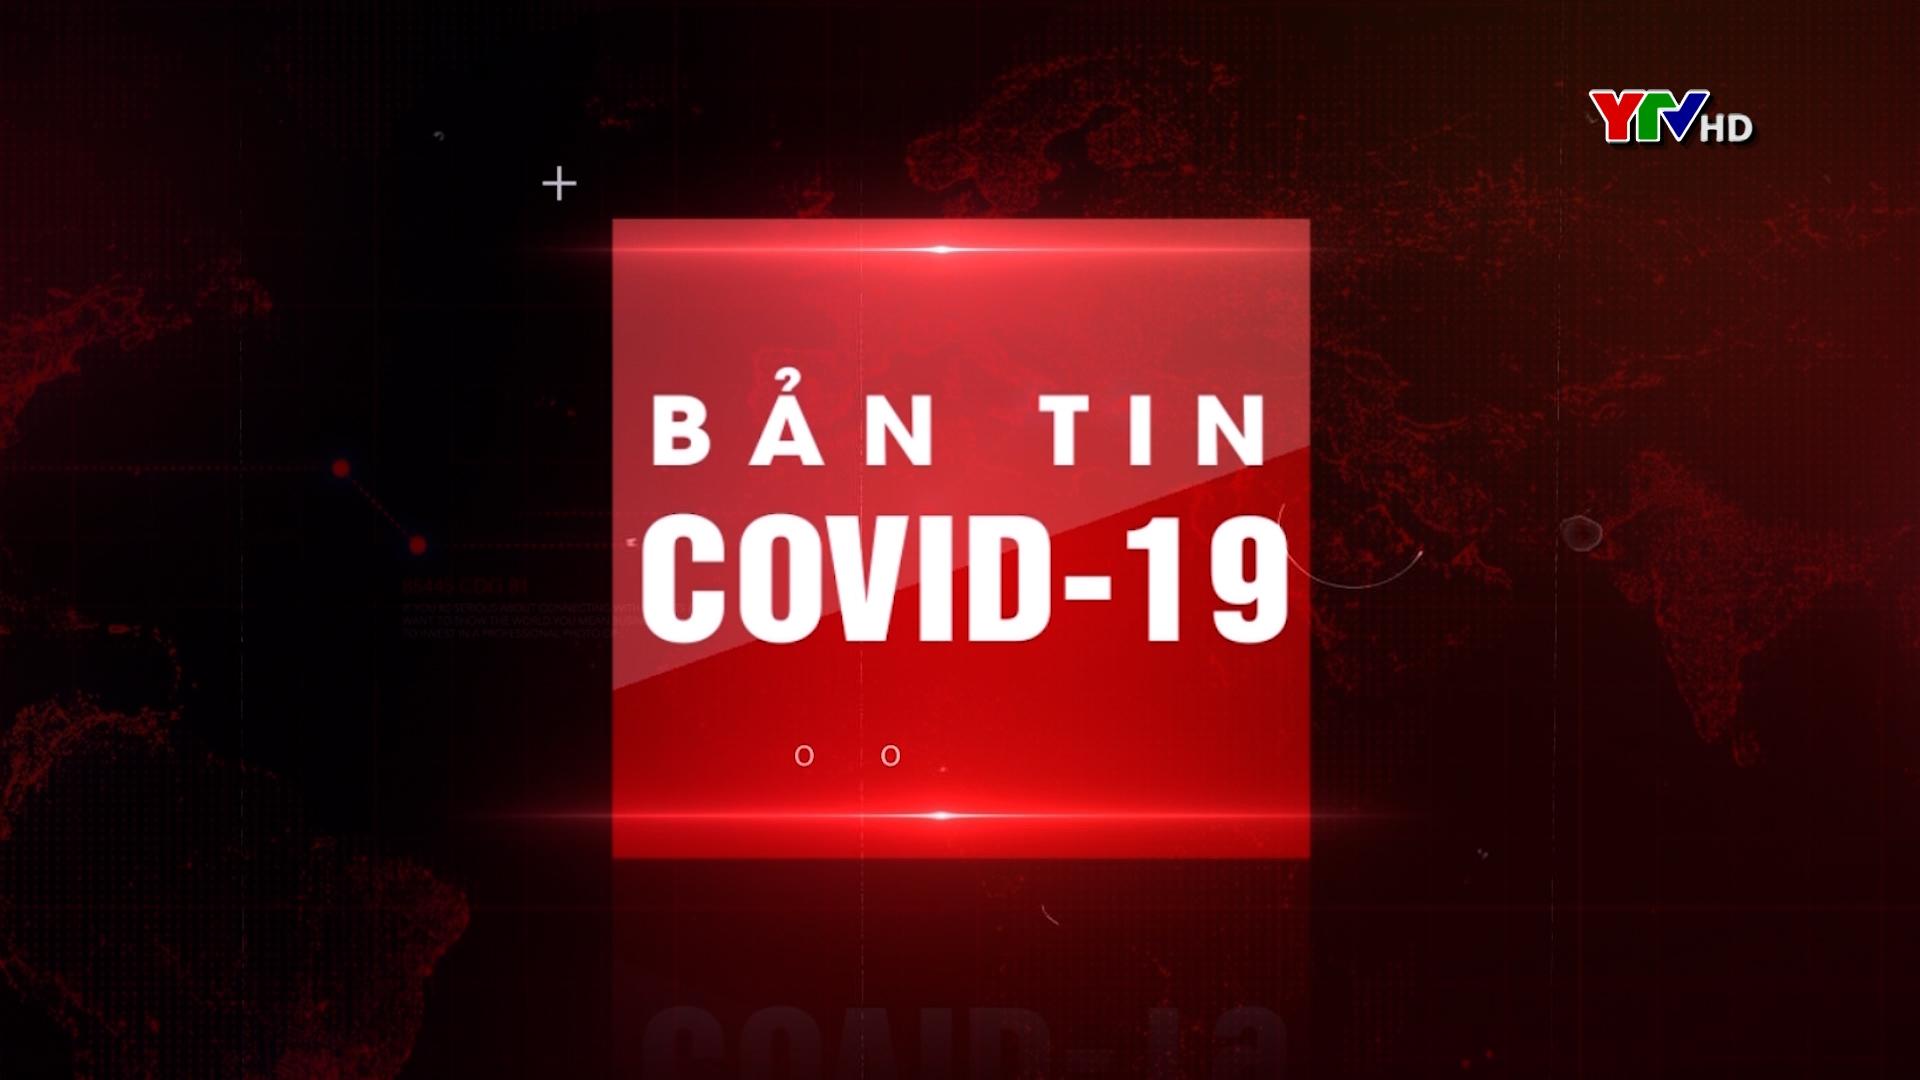 Bản tin Phòng, chống COVID - 19 tối ngày 13/10/2021